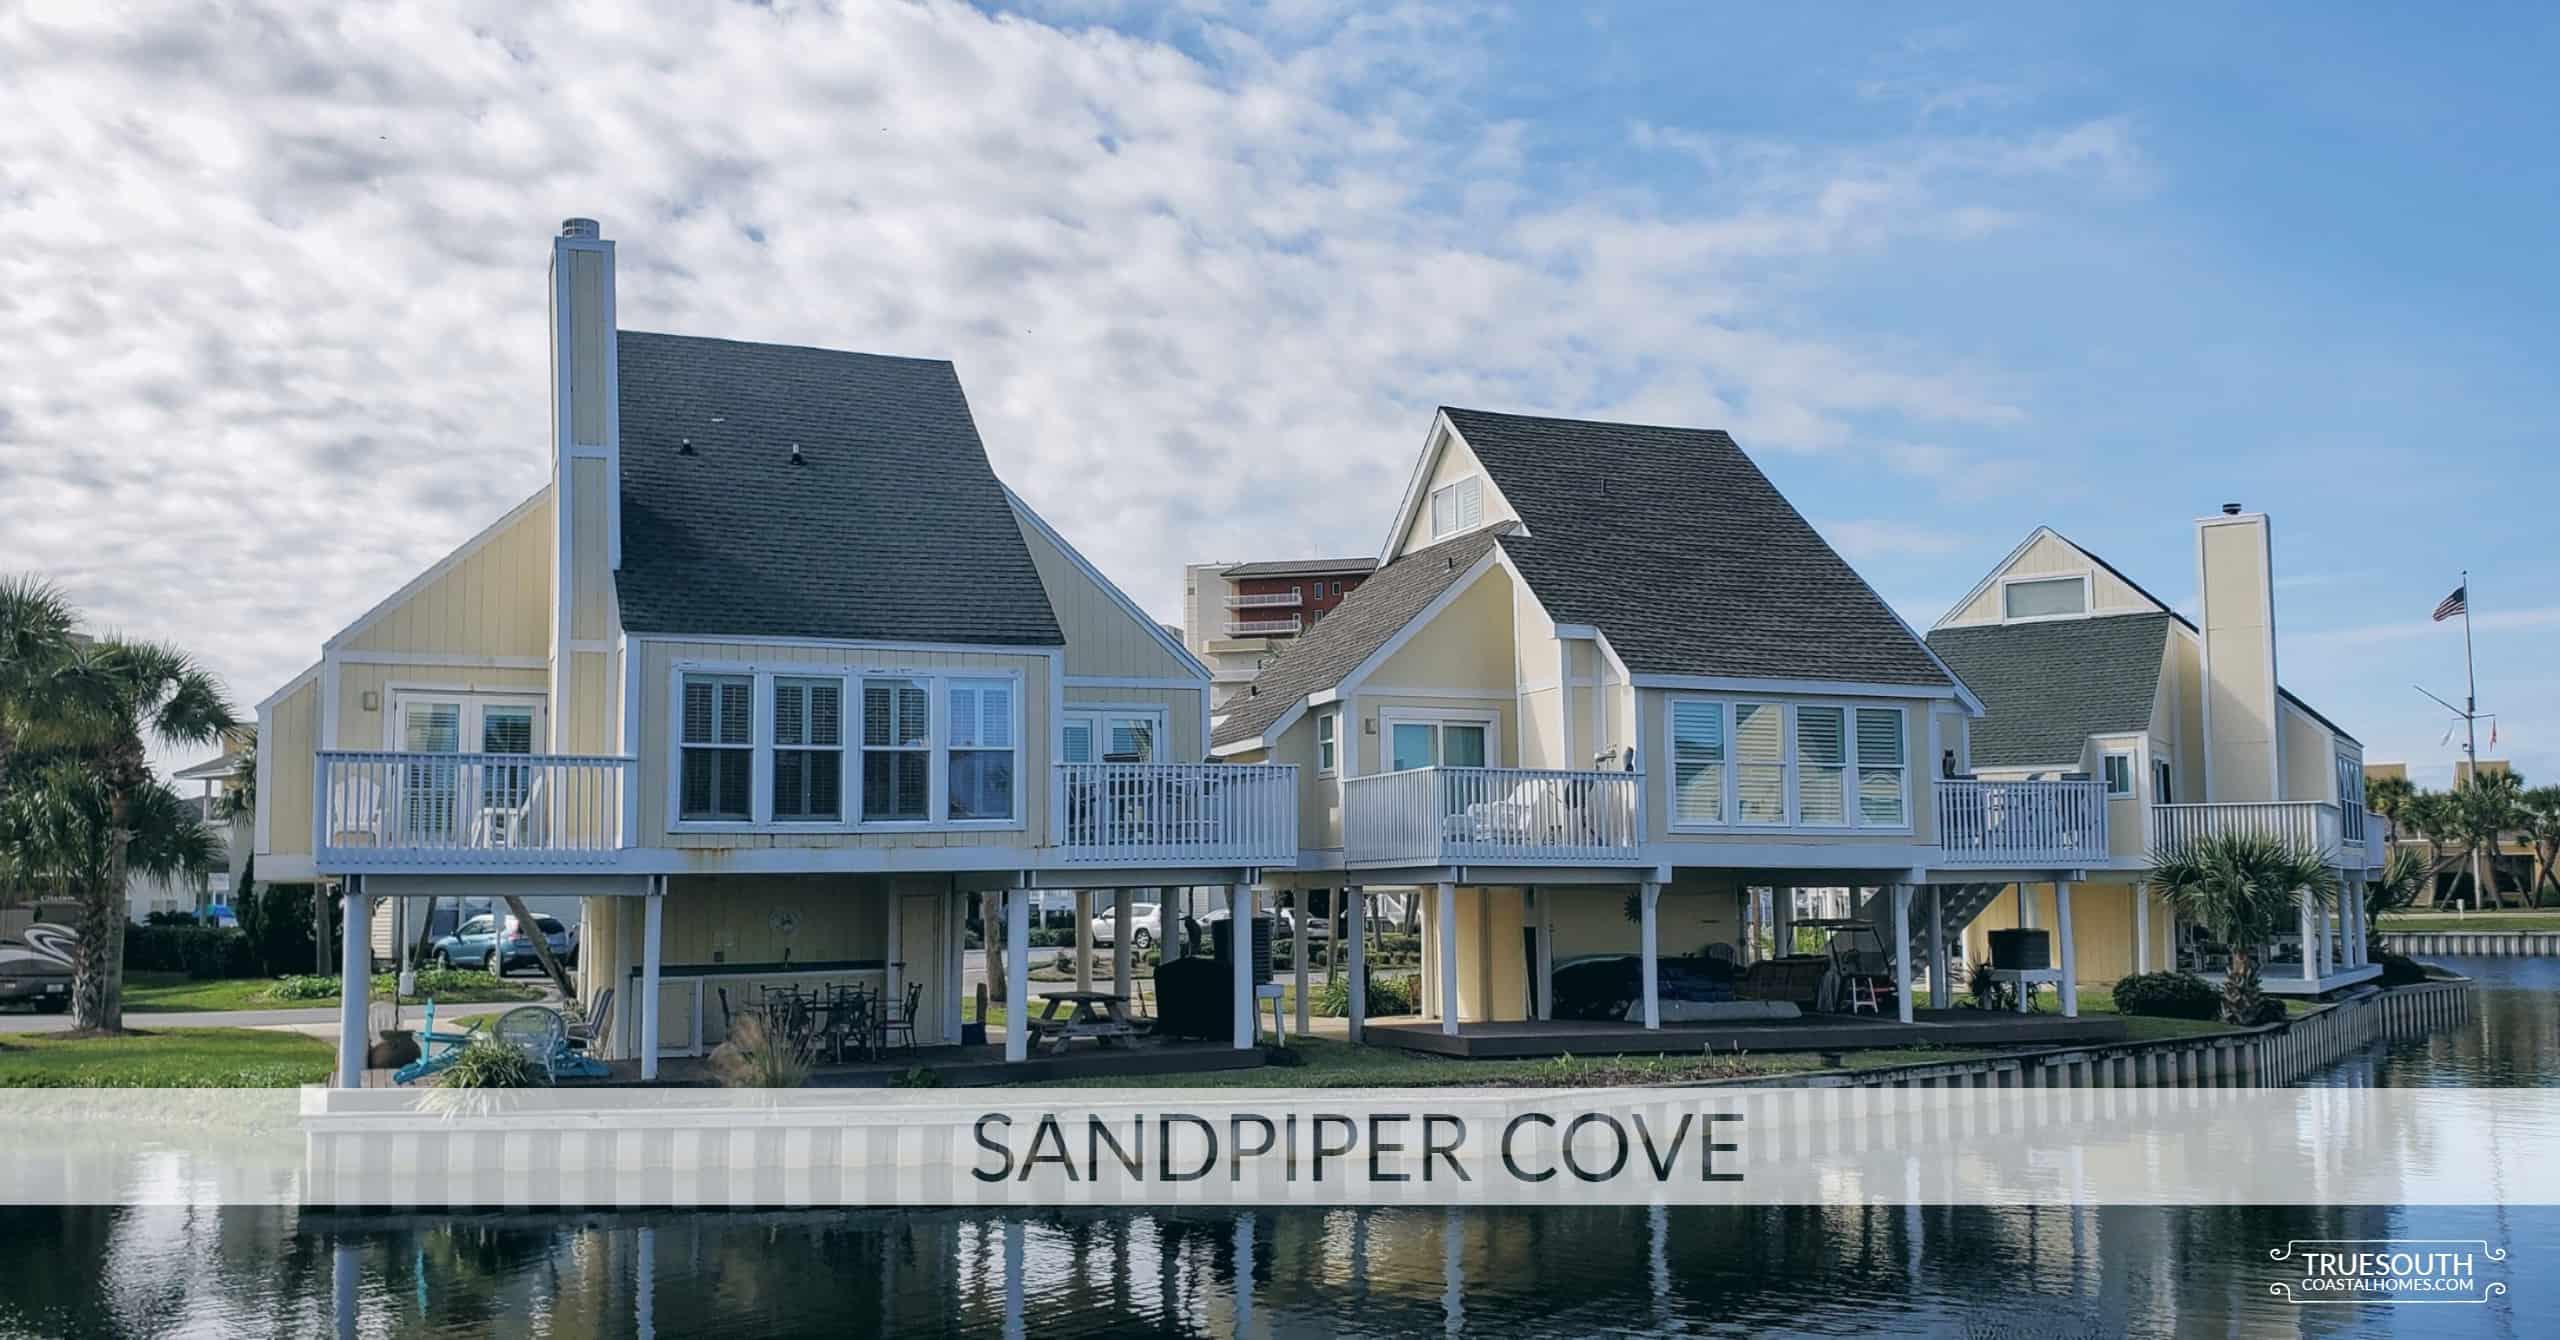 Sandpiper Cove Condos